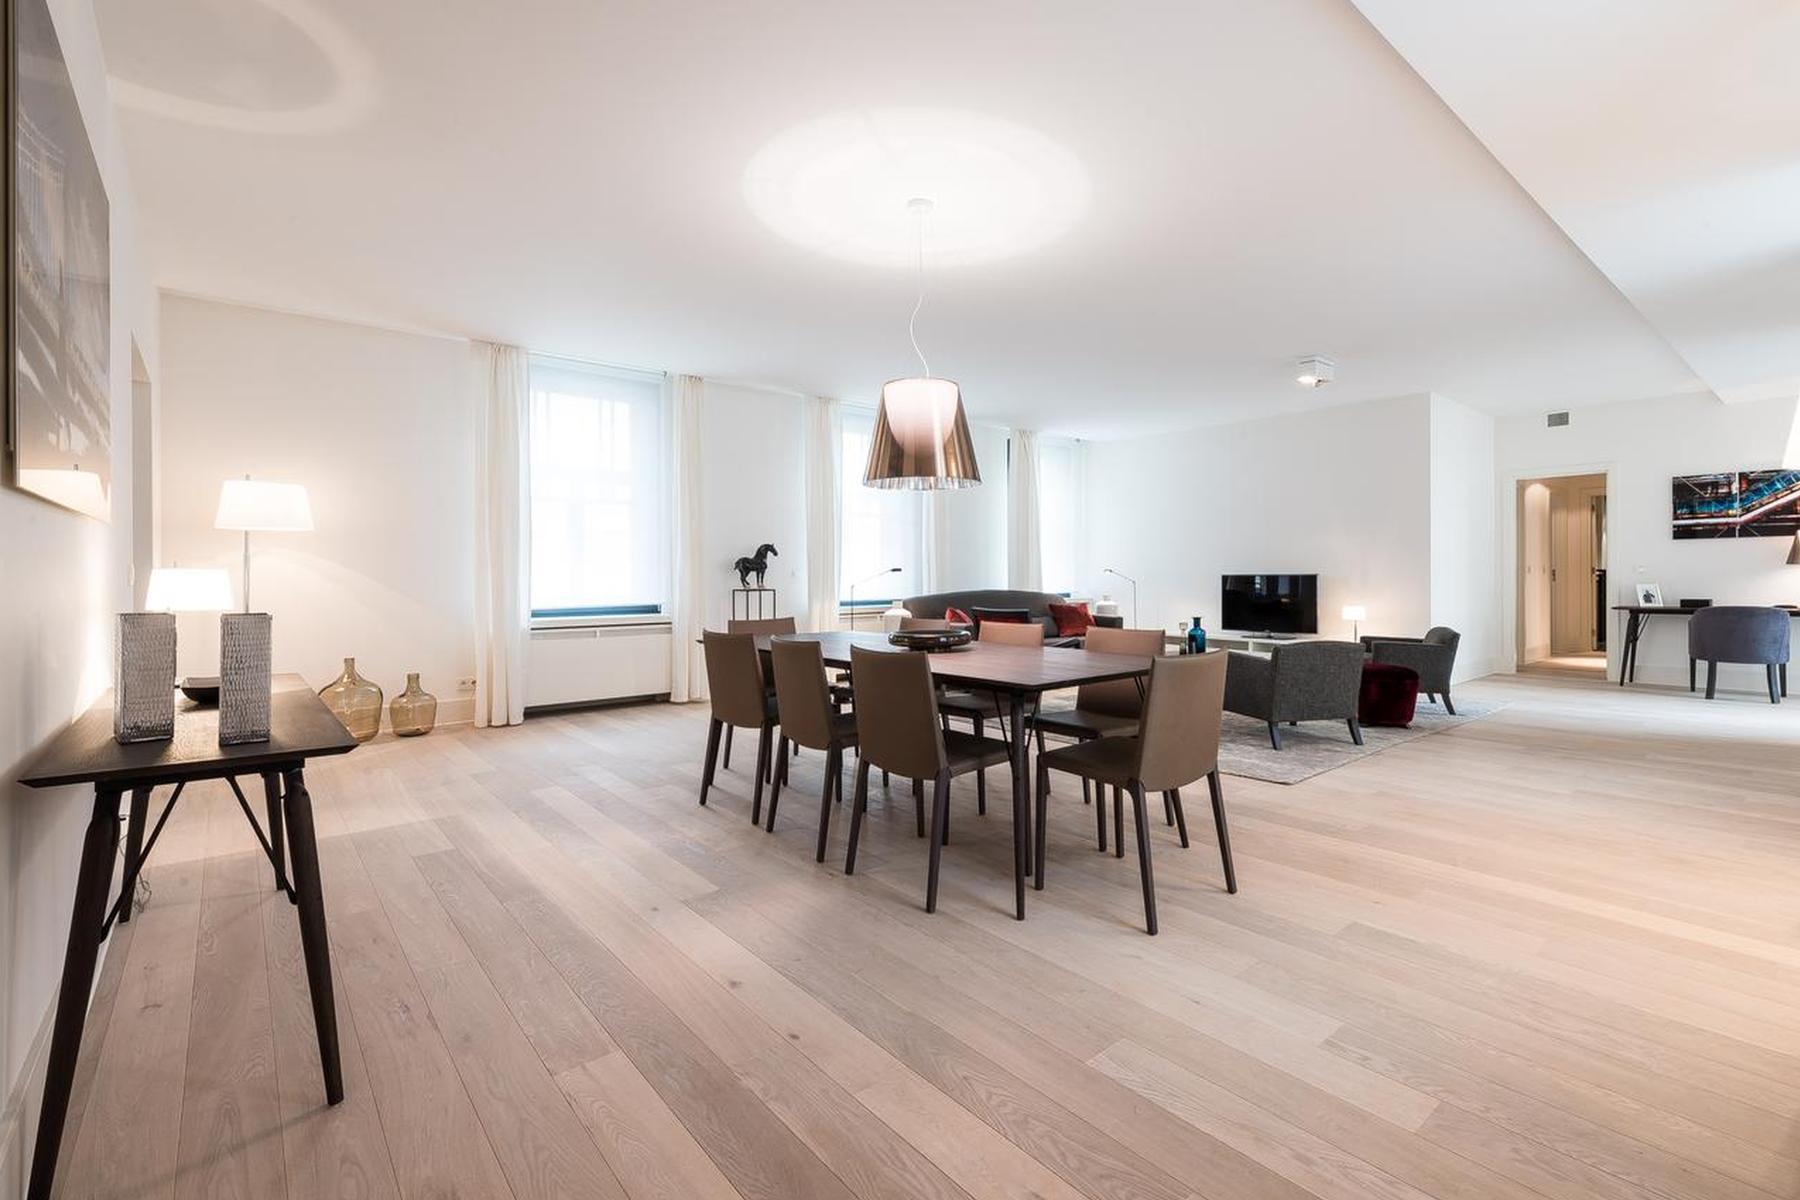 Apartamento para Venda às Ixelles I Place Brugmann Ixelles, Brussels, 1050 Bélgica